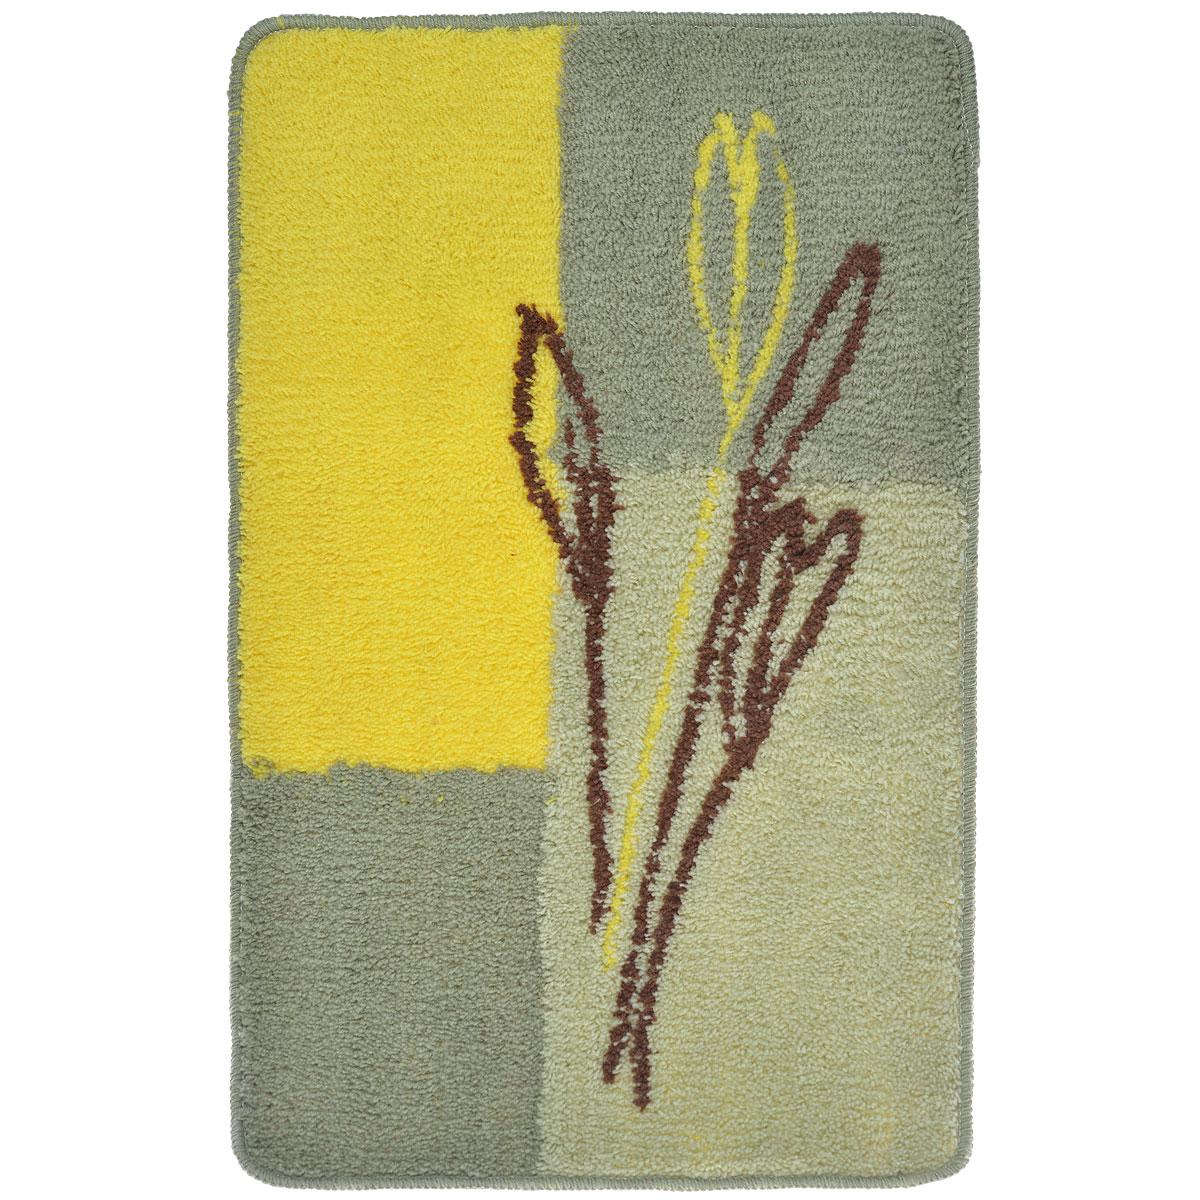 Коврик для ванной комнаты  Fresh Code , цвет: зеленый, желтый, 80 х 50 см - Коврики